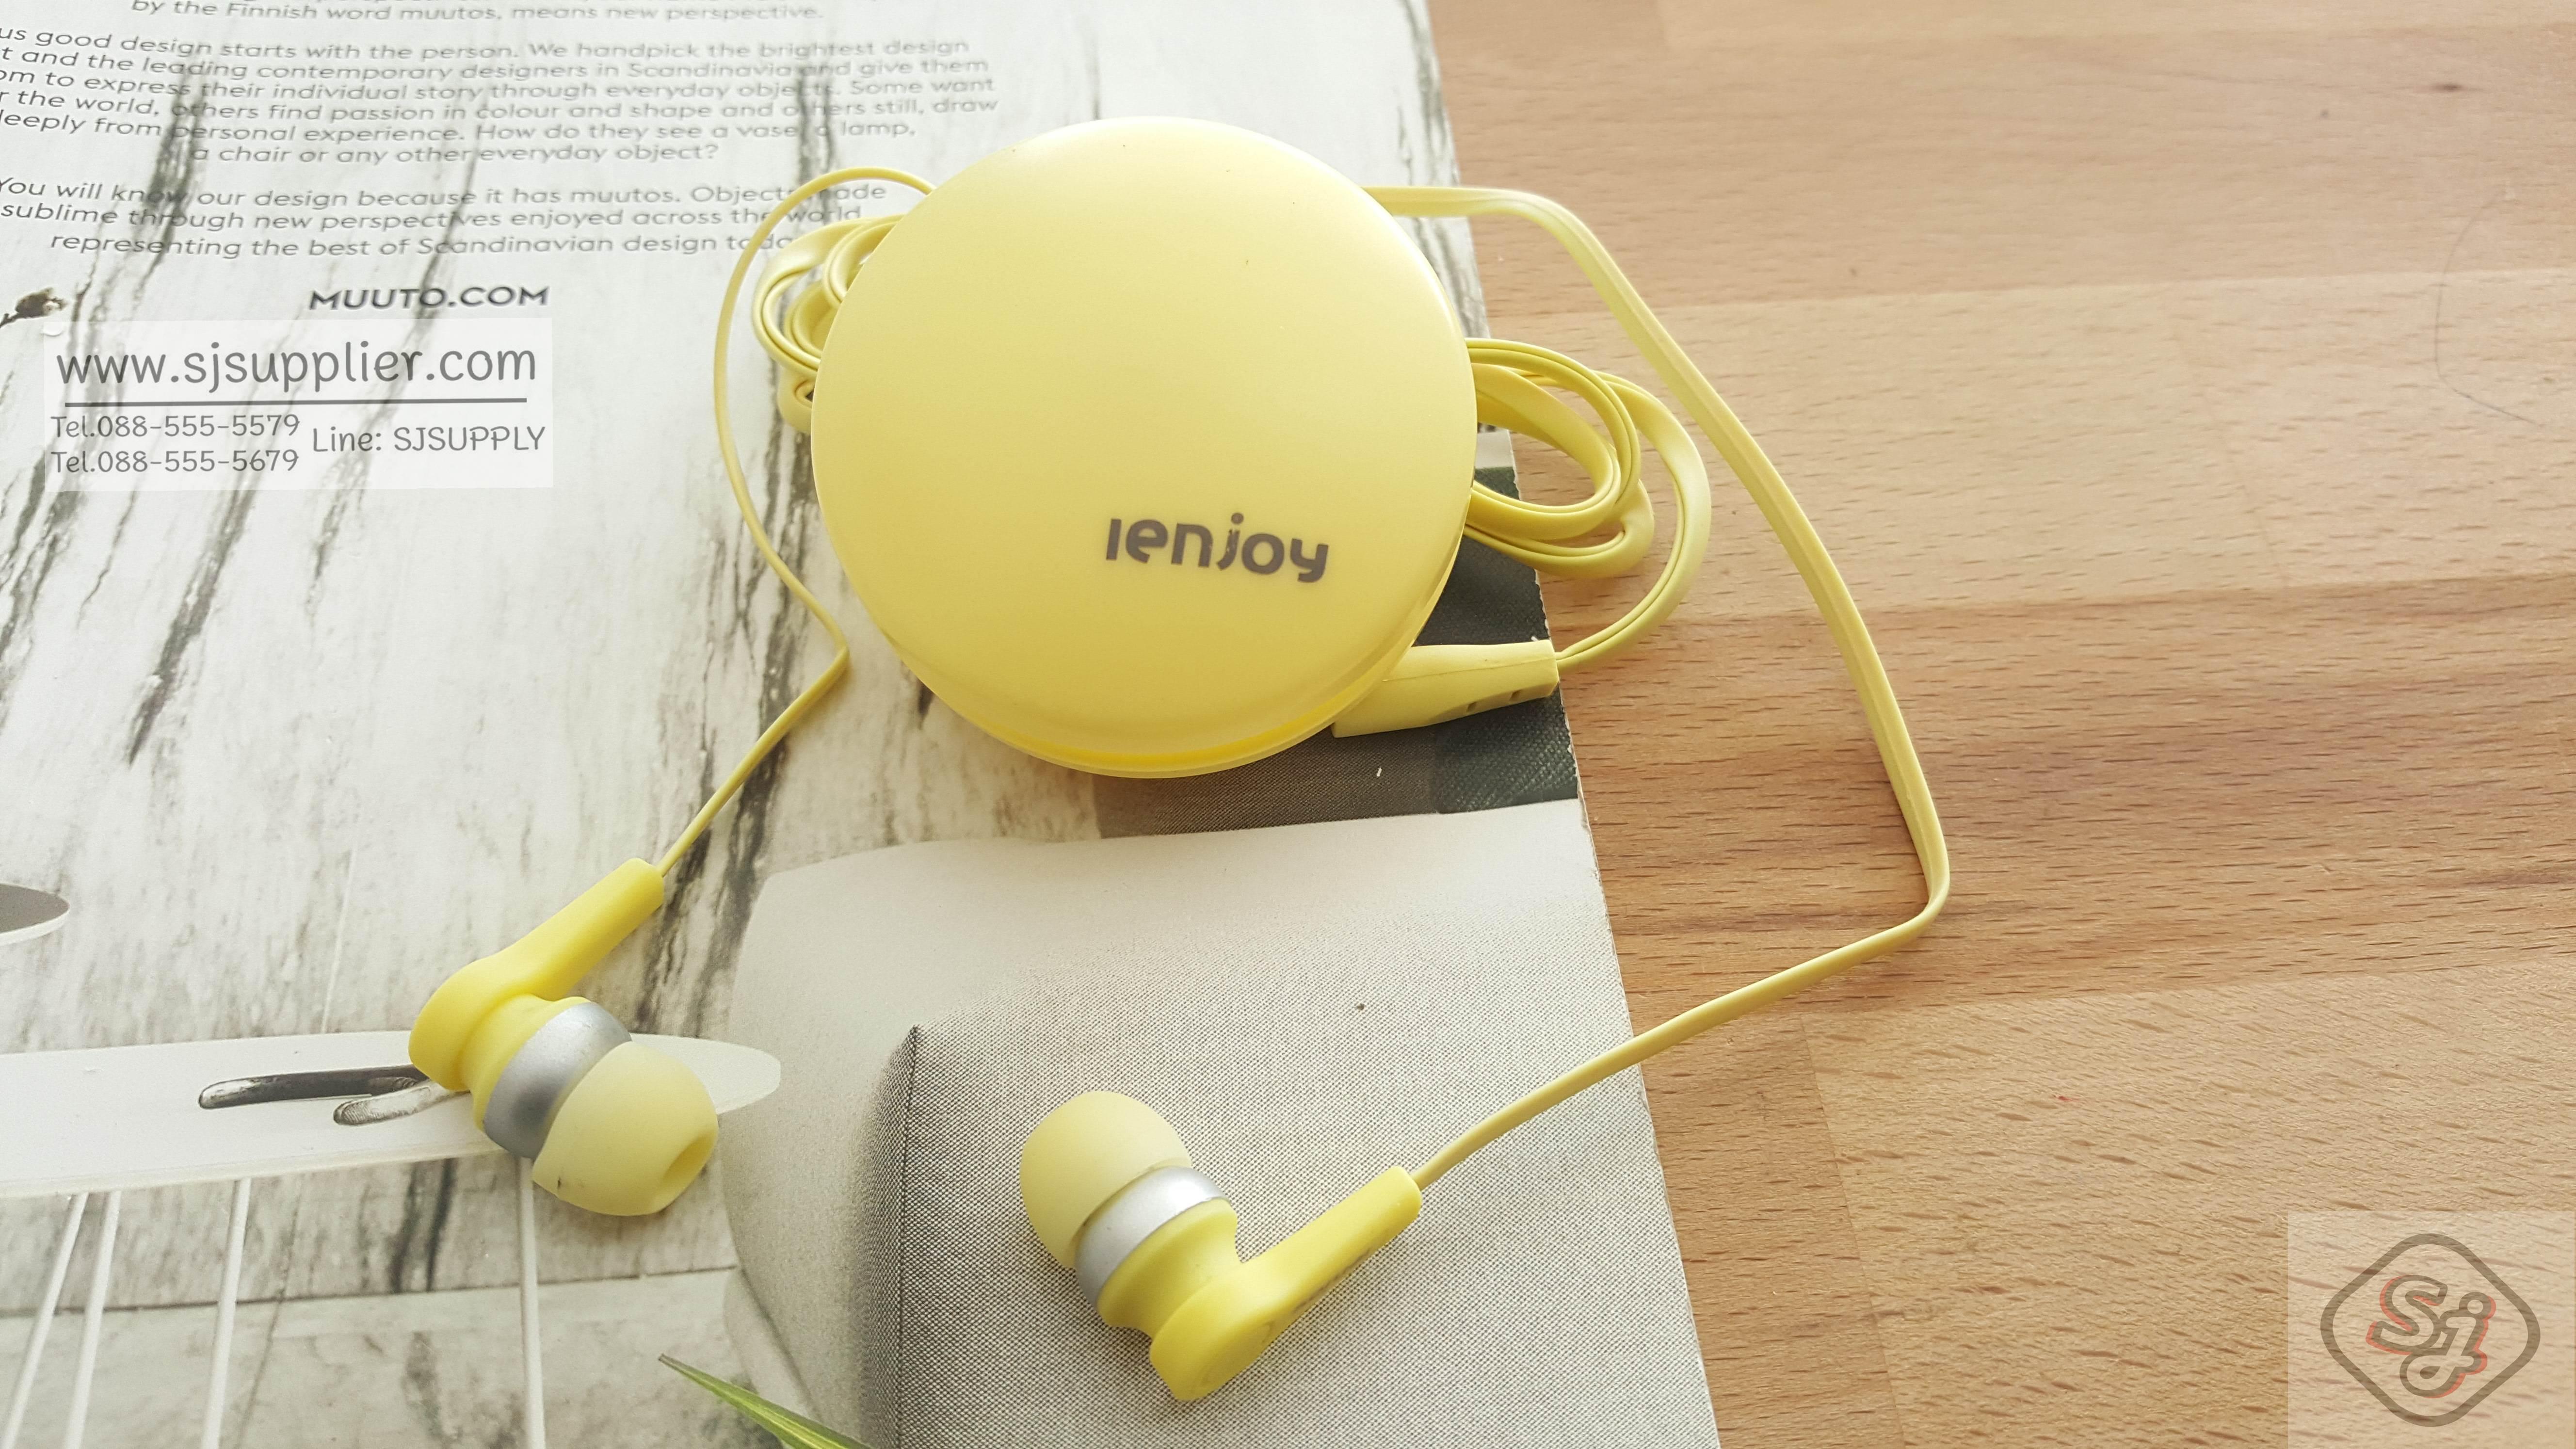 หูฟัง lenjoy IN-076 สีเหลือง